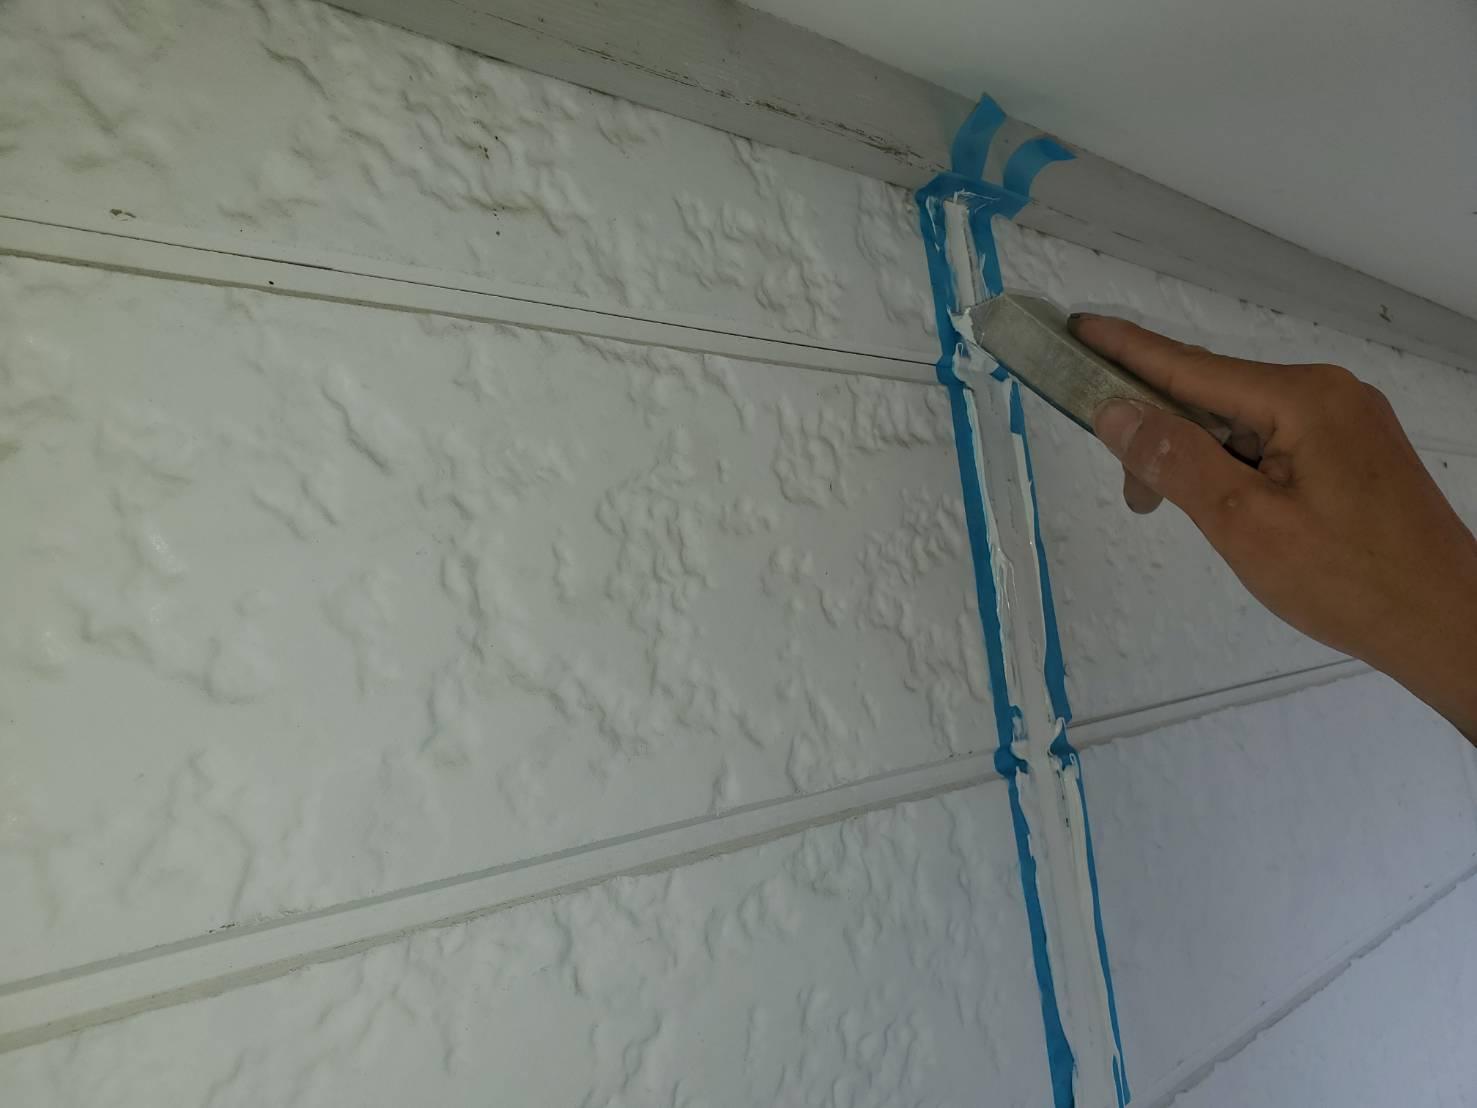 佐賀市 外壁塗装 塗装 ひろし 屋根塗装 コーキング